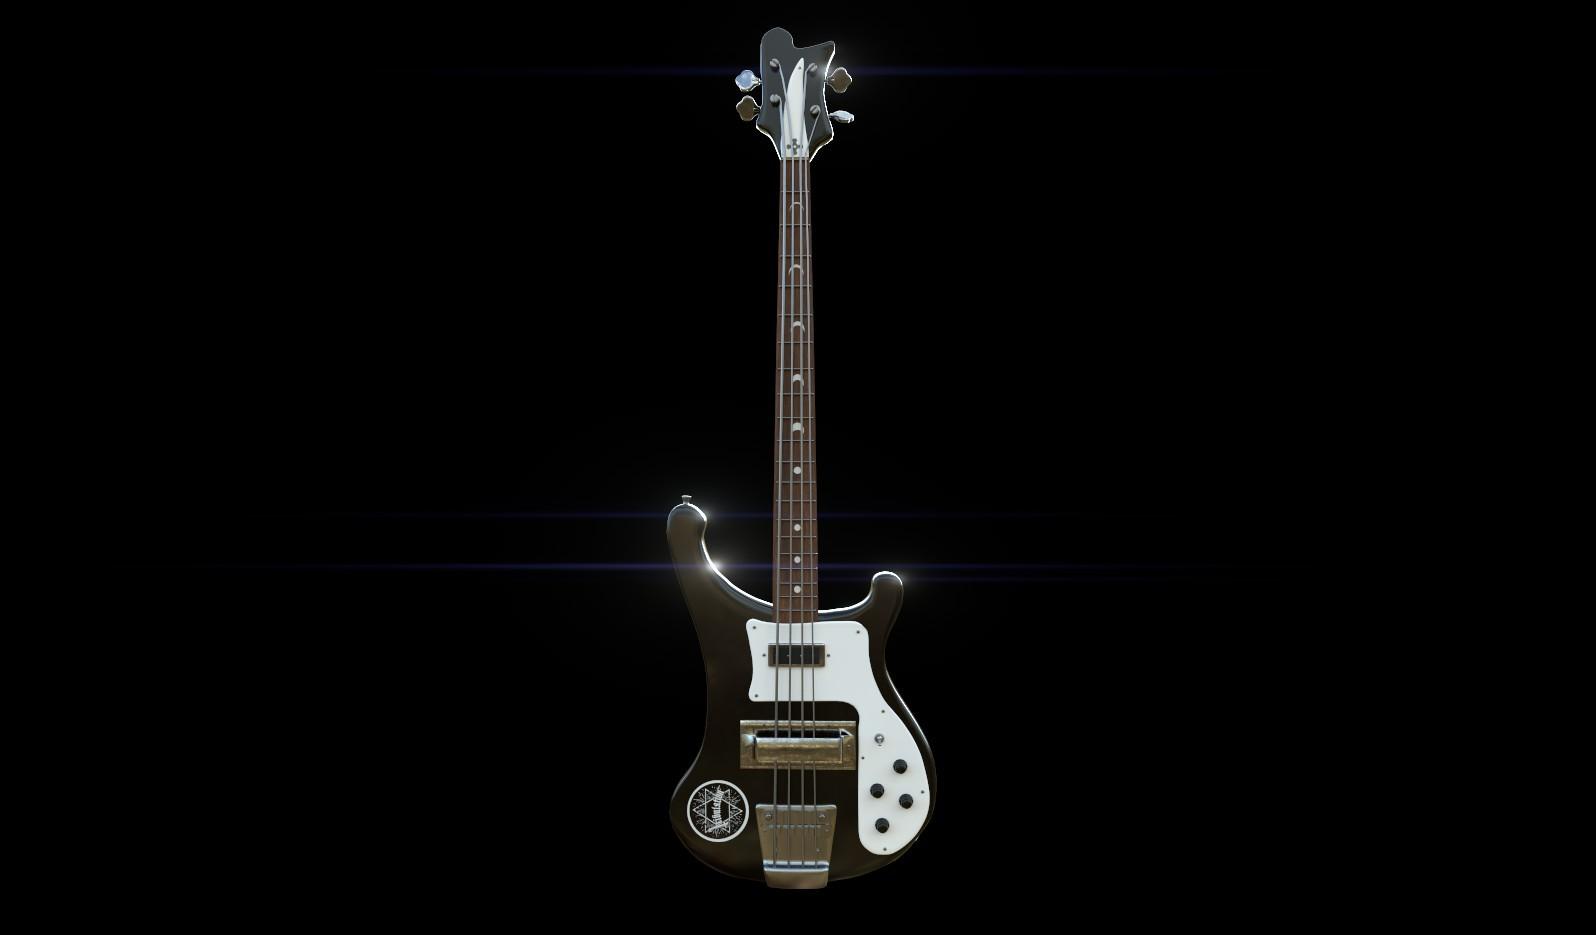 ArtStation - Rickenbacker Bass, Arkaitz Fernández